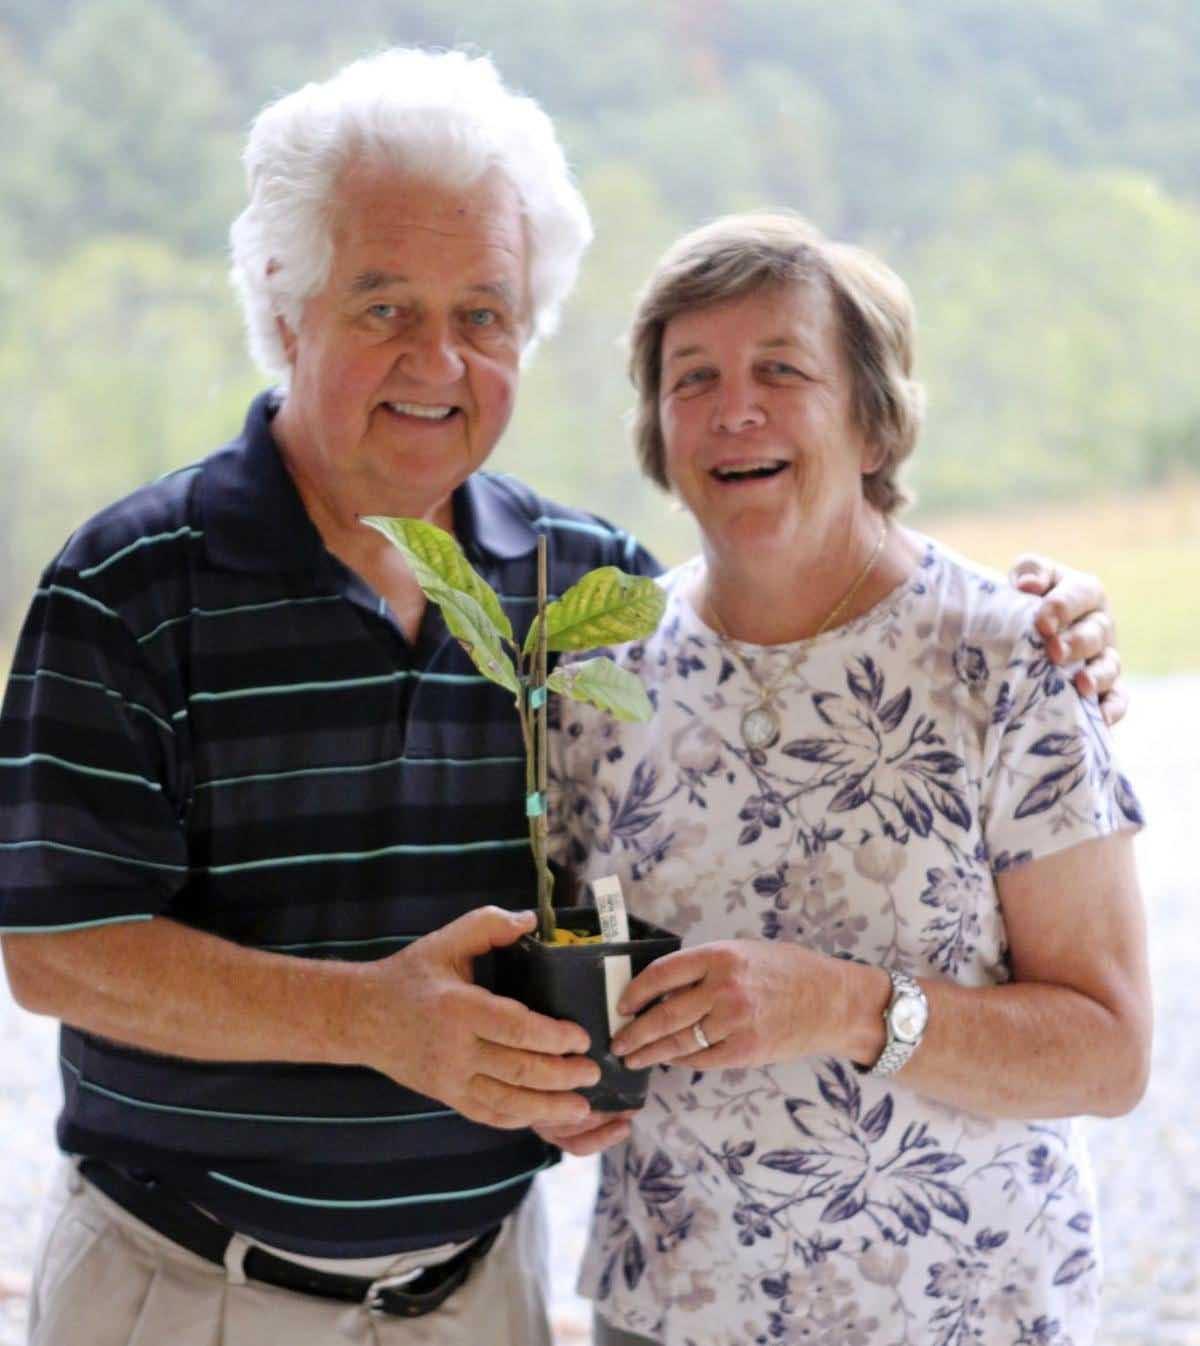 Jessee and Debby JBR Vineyards